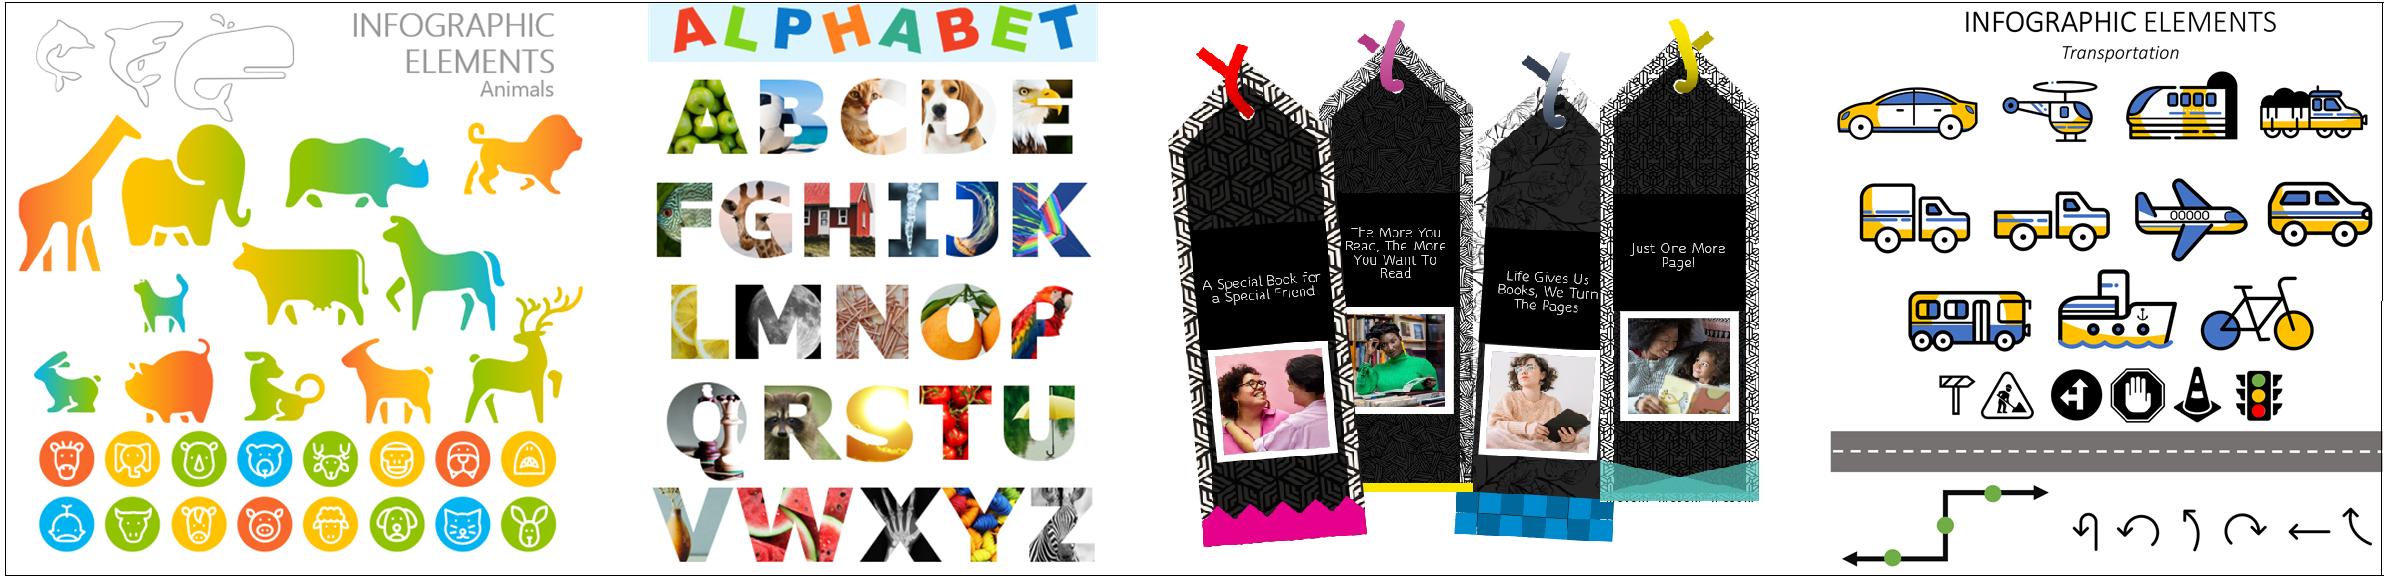 帮助儿童学习活动的图像的拼贴画